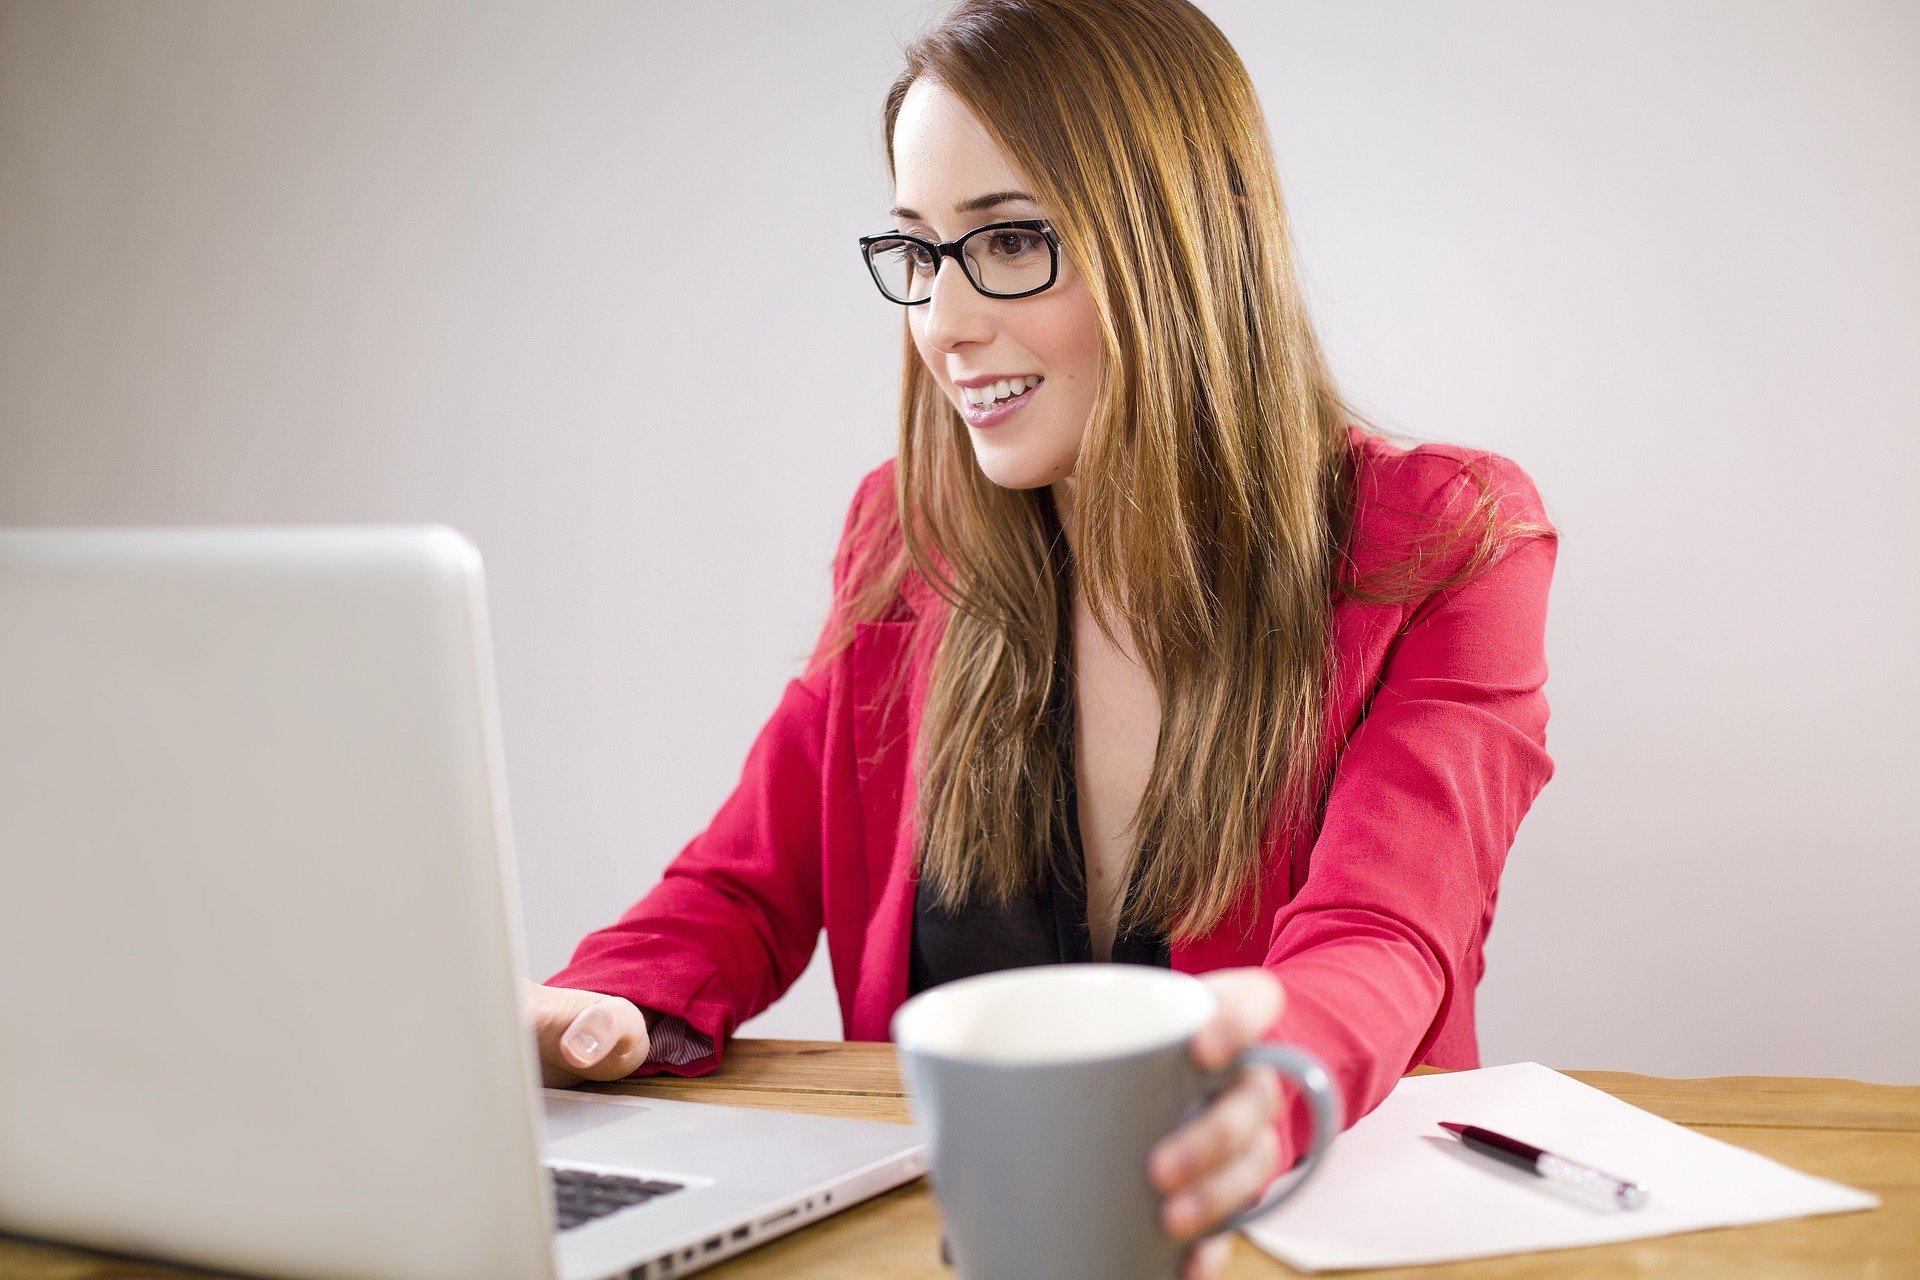 Saiba o que faz uma Assistente Virtual ou Secretária Remota - Uma opção para Trabalhar em Casa - Andreia Carvas